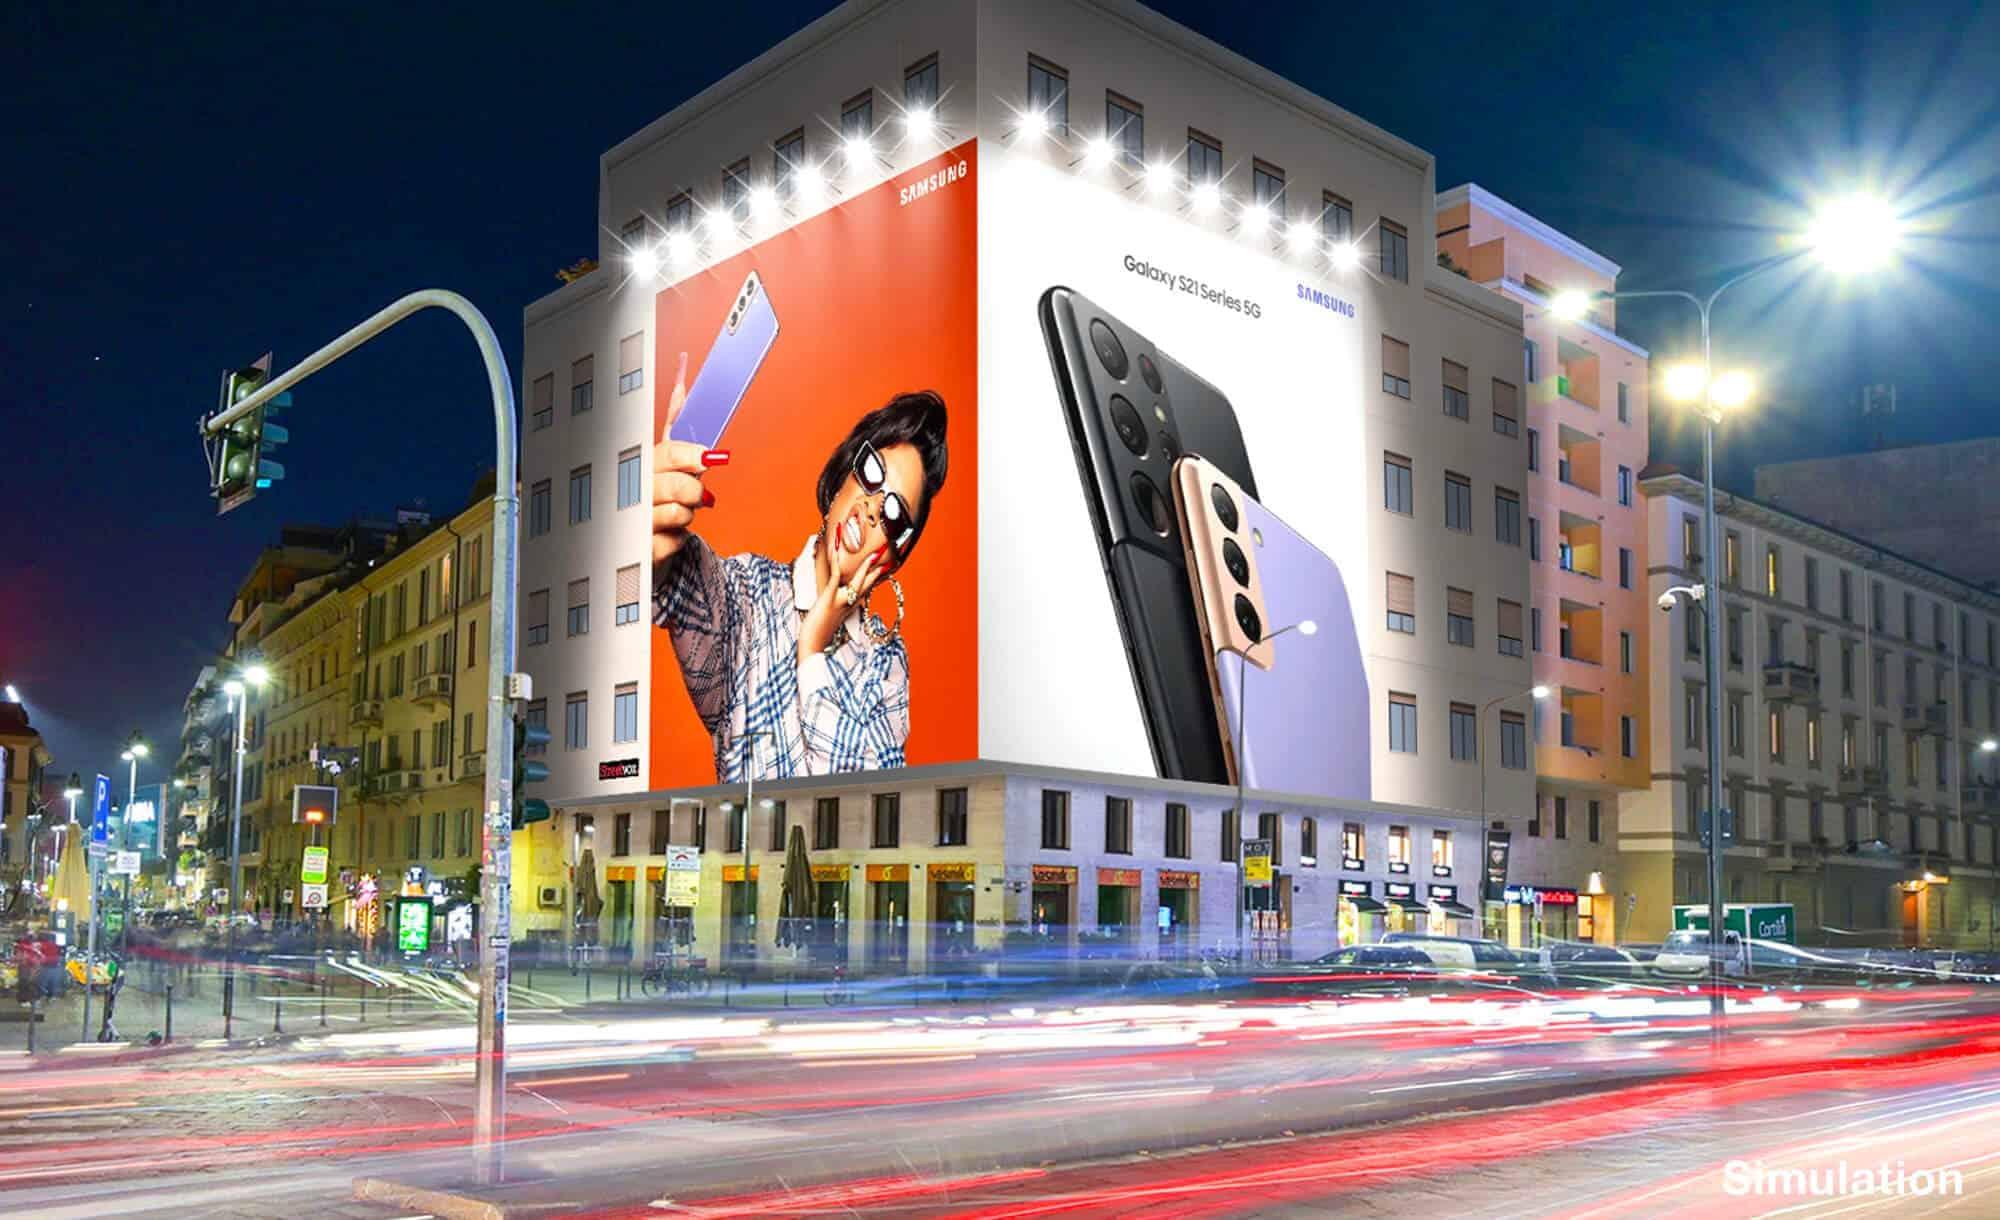 Maxi Affissione a Milano in Piazza XXV Aprile 1 con Samsung (Technology)